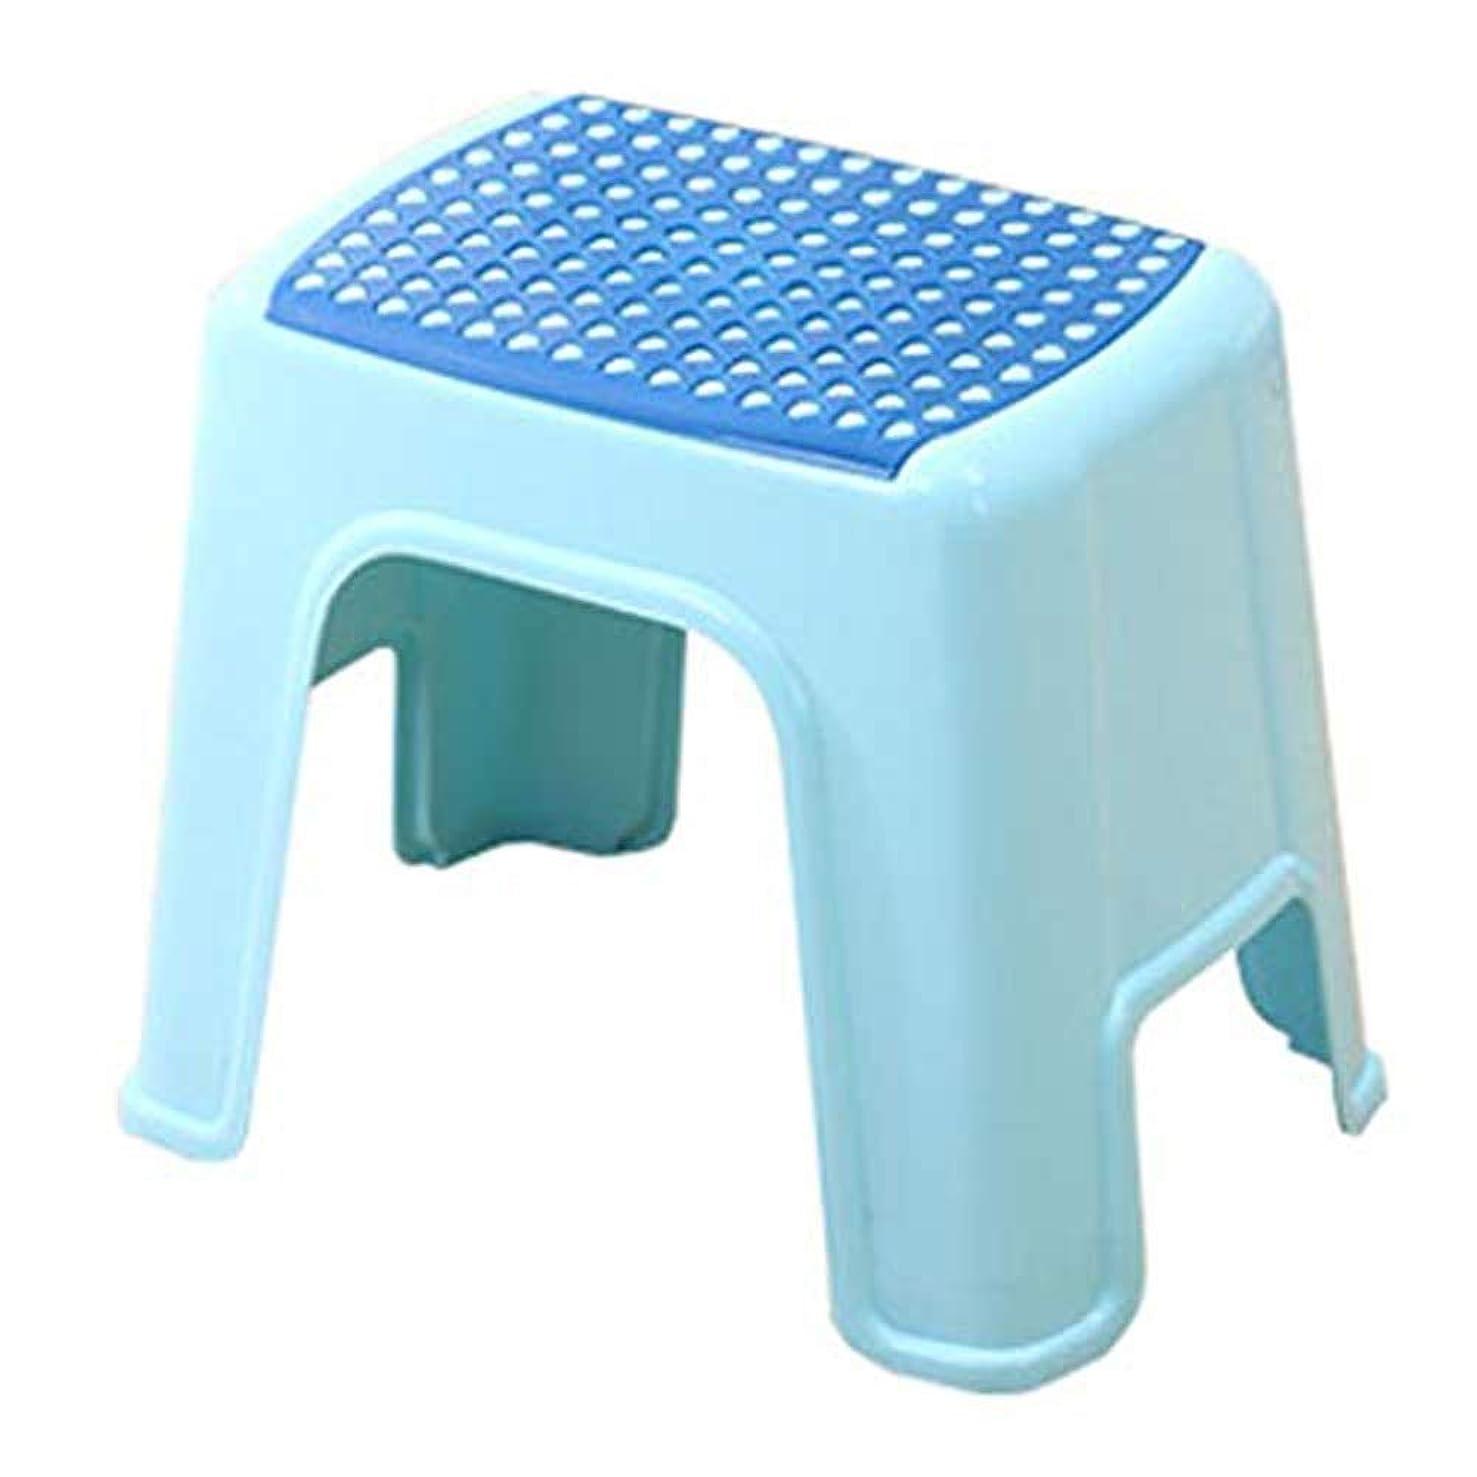 パッチを通して神のHJBHスツールプラスチックスツールバスルーム家庭用ランドリースツールベビーバスルームアンチスキッドチェアフットスツールマッサージシューズスツール - ブルー/グリーン (Color : Blue)